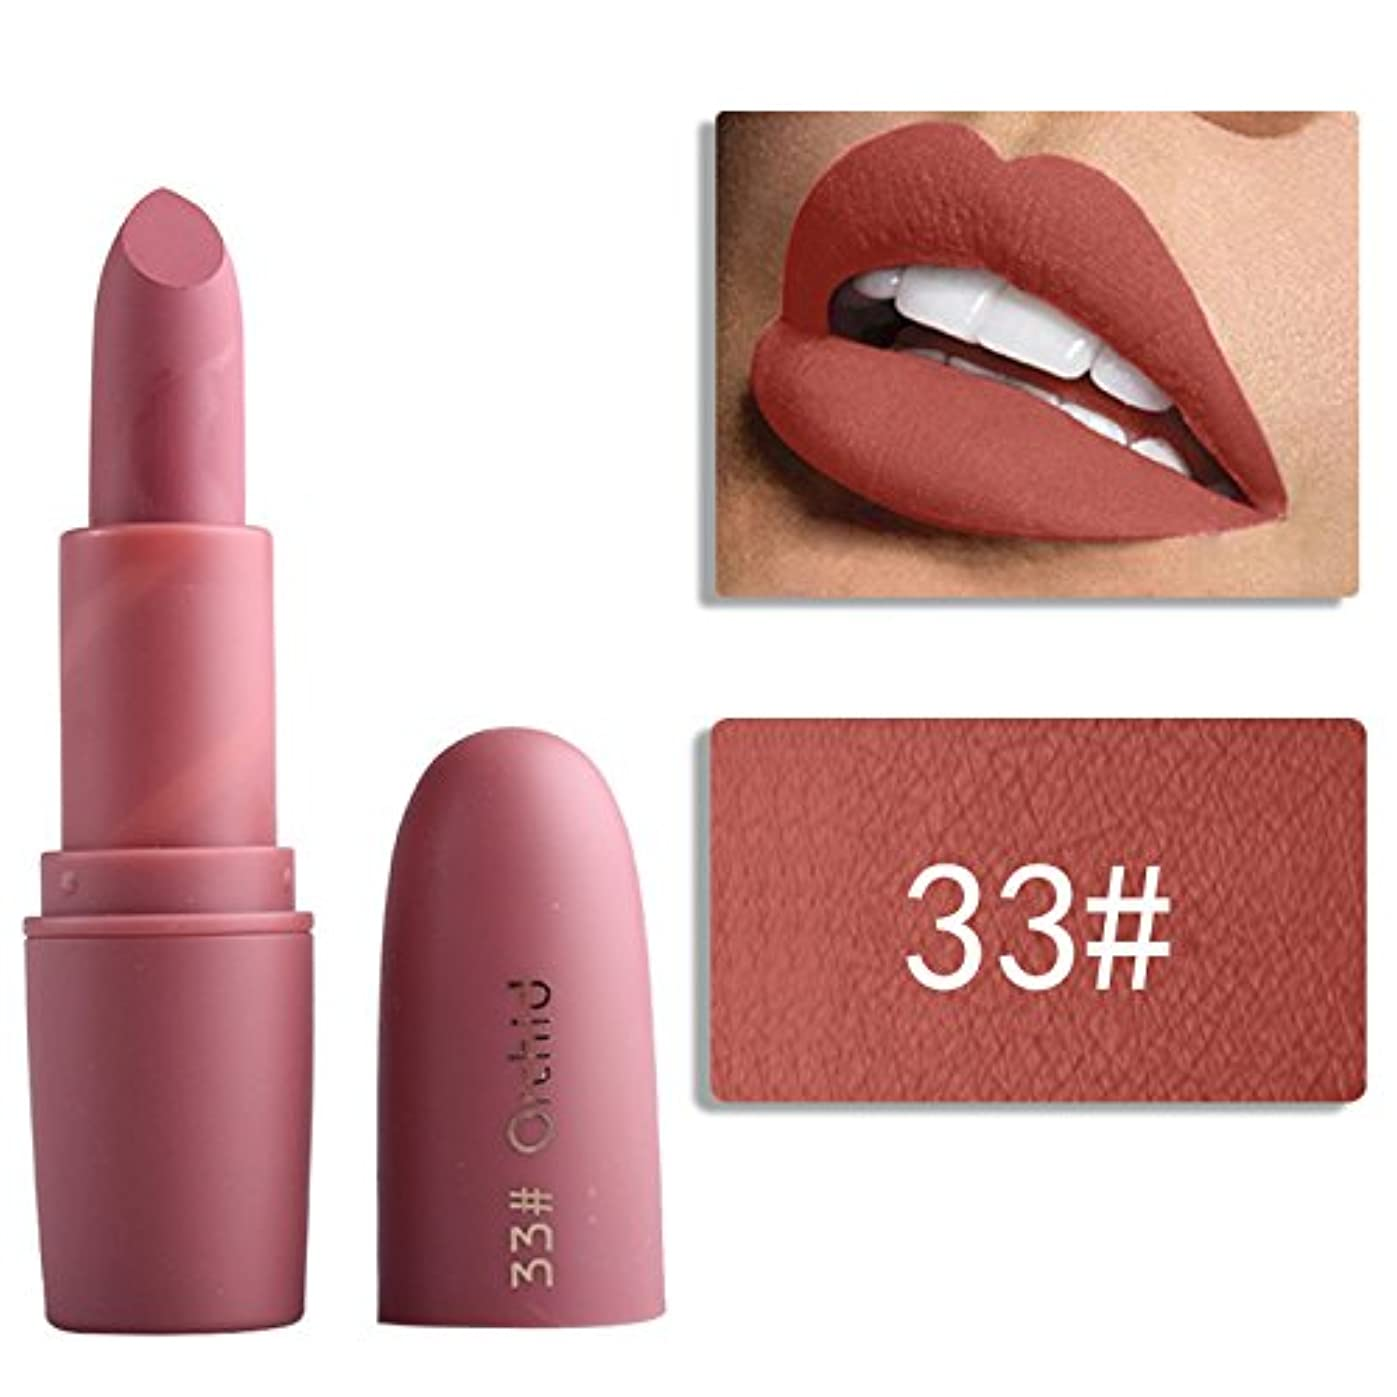 プレビスサイト対処怒るMiss Rose Nude Lipstick 22 colors Waterproof Vampire Brown Beauty Baby Lips Batom Matte lipstick Makeup Tats Eugenie...